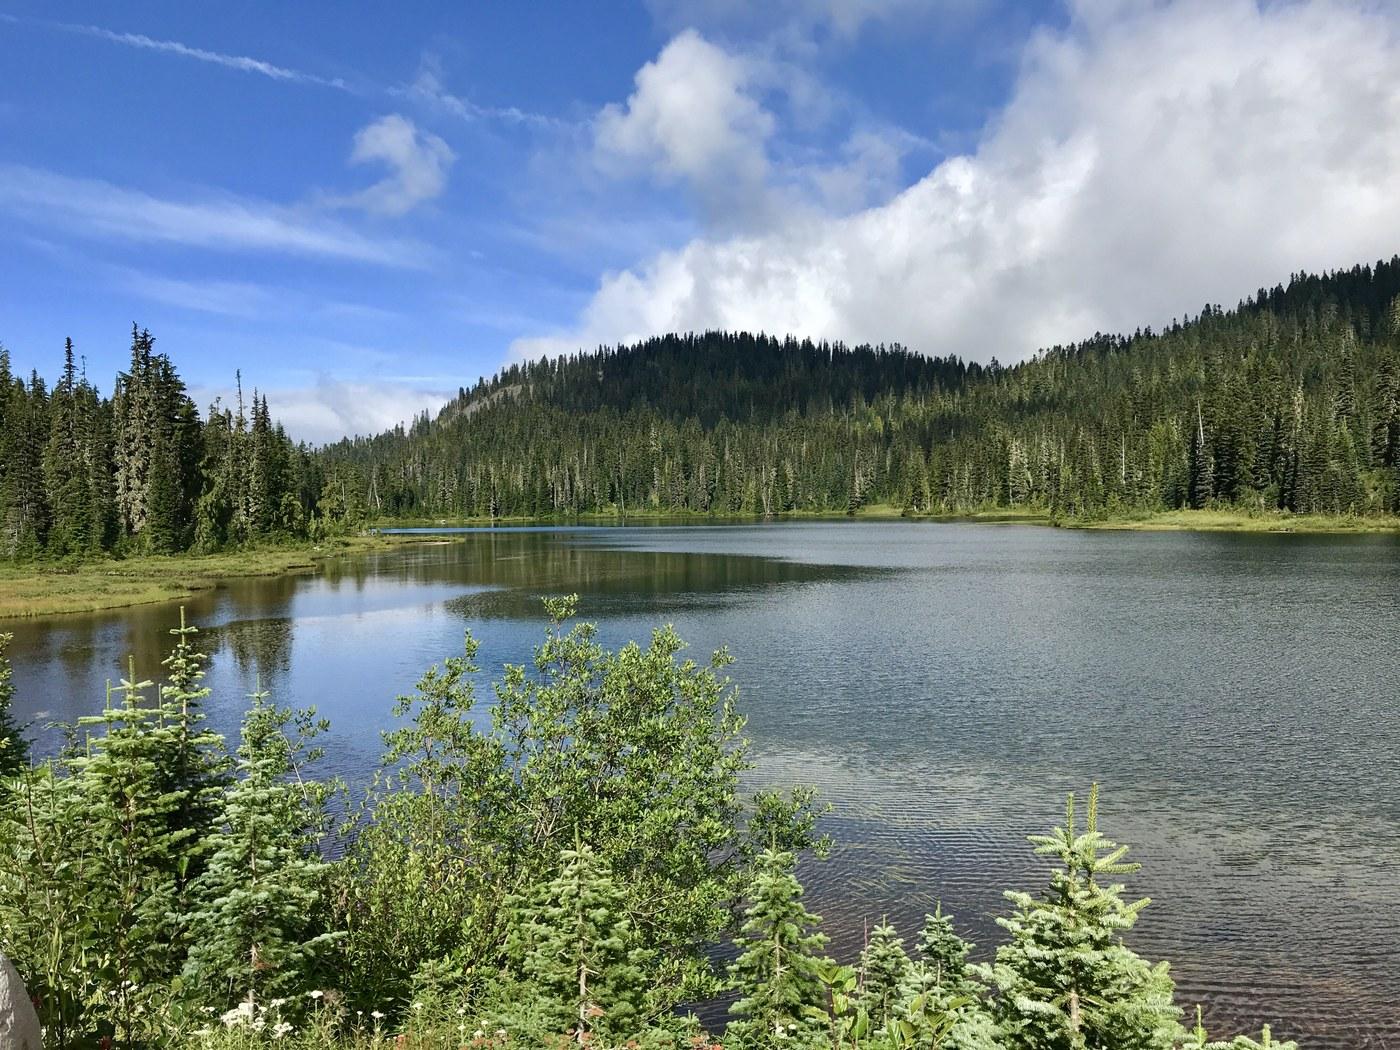 Reflection Lake. Photo by Ash99.